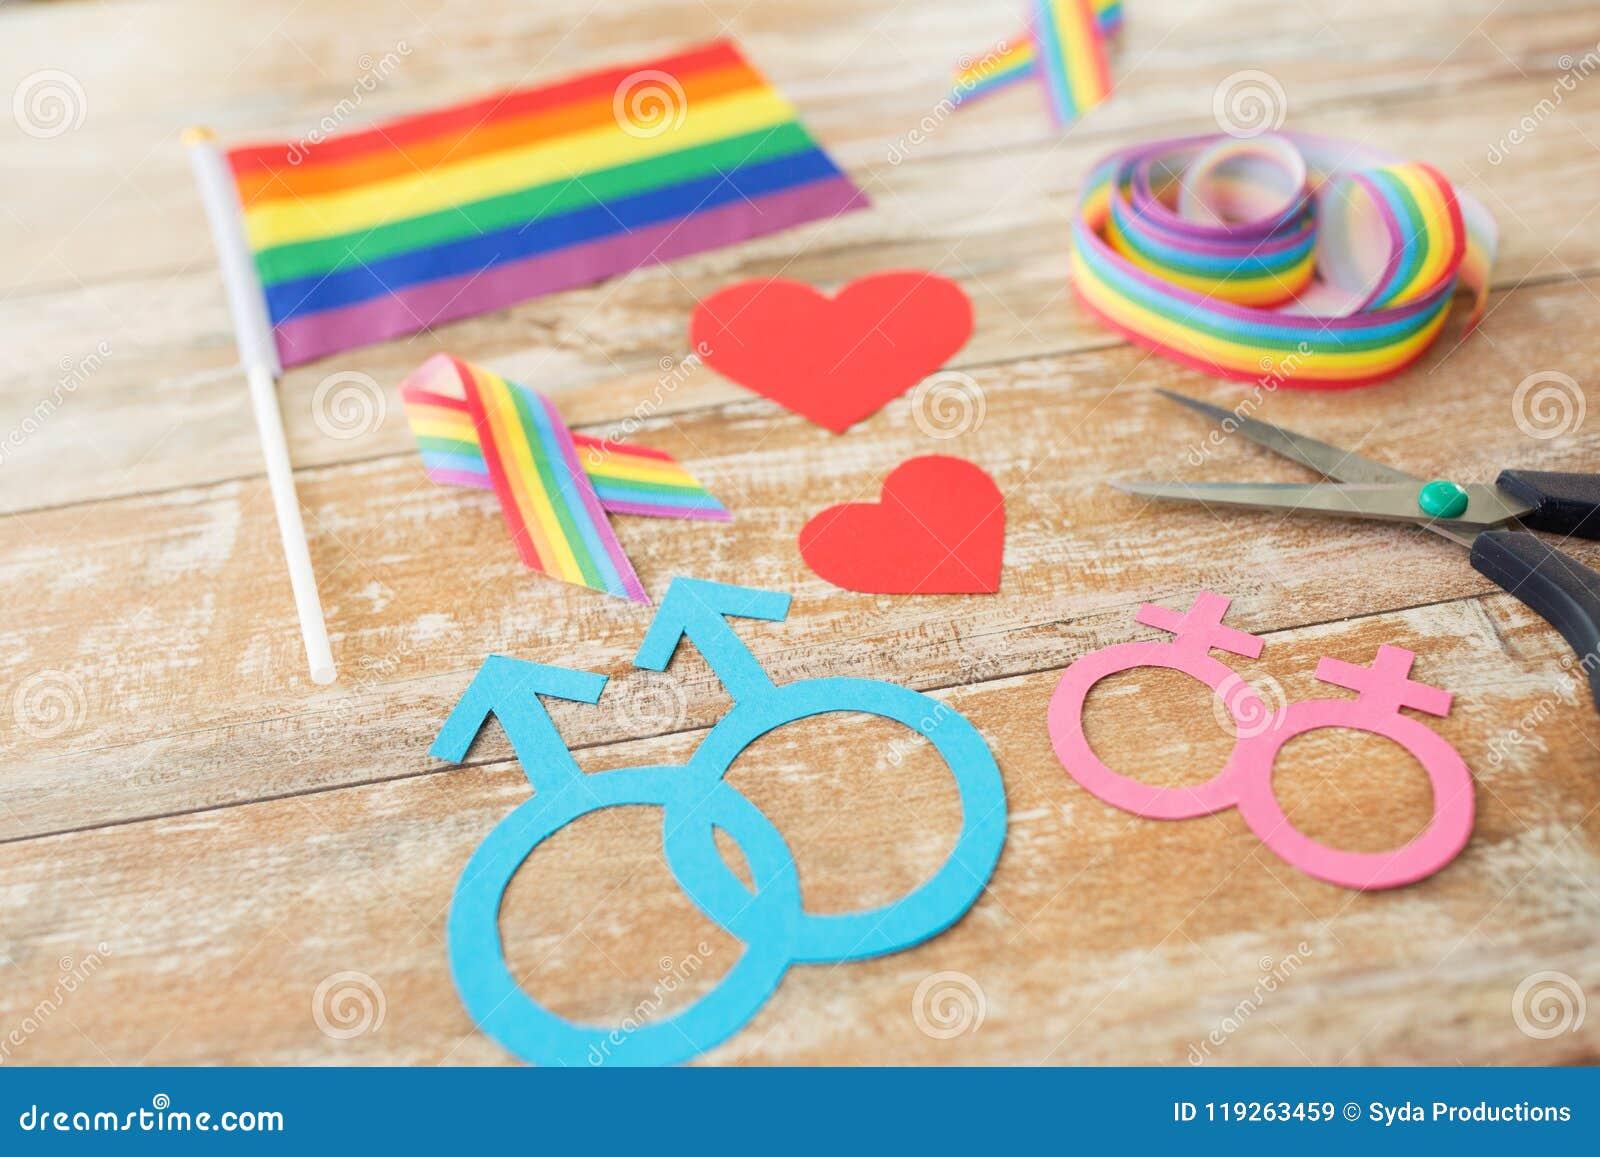 Gay image boards